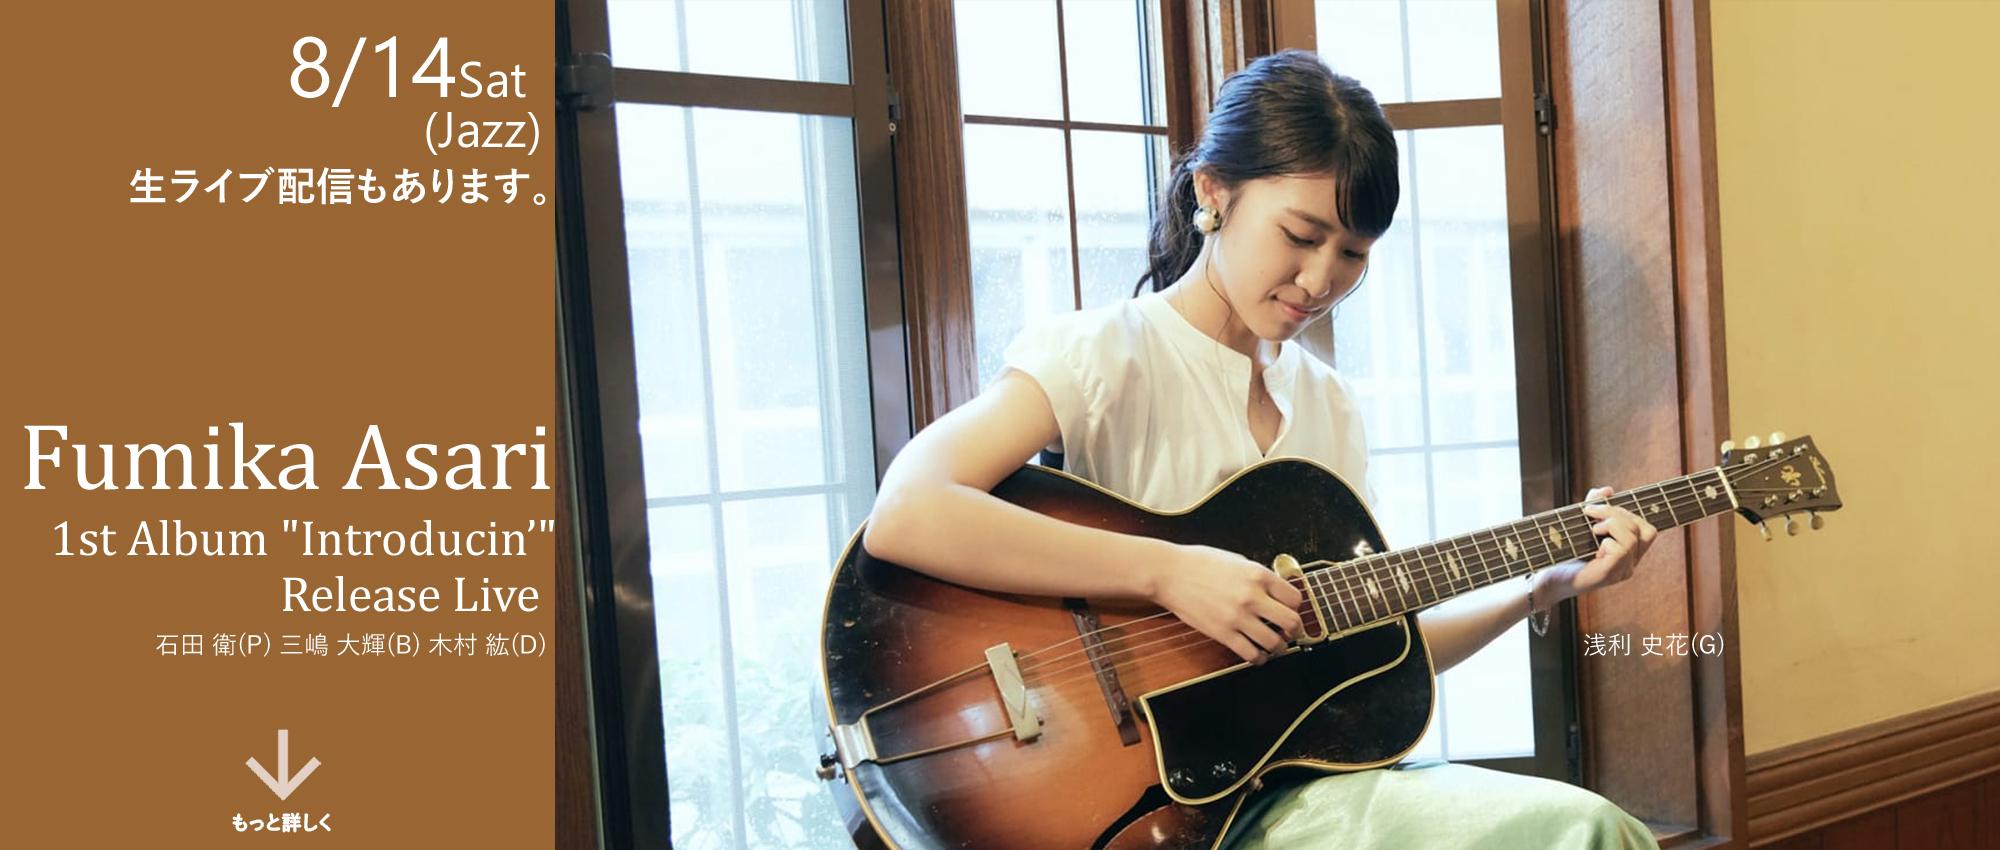 Fumika Asari 1st Album『Introducin'』Release Live